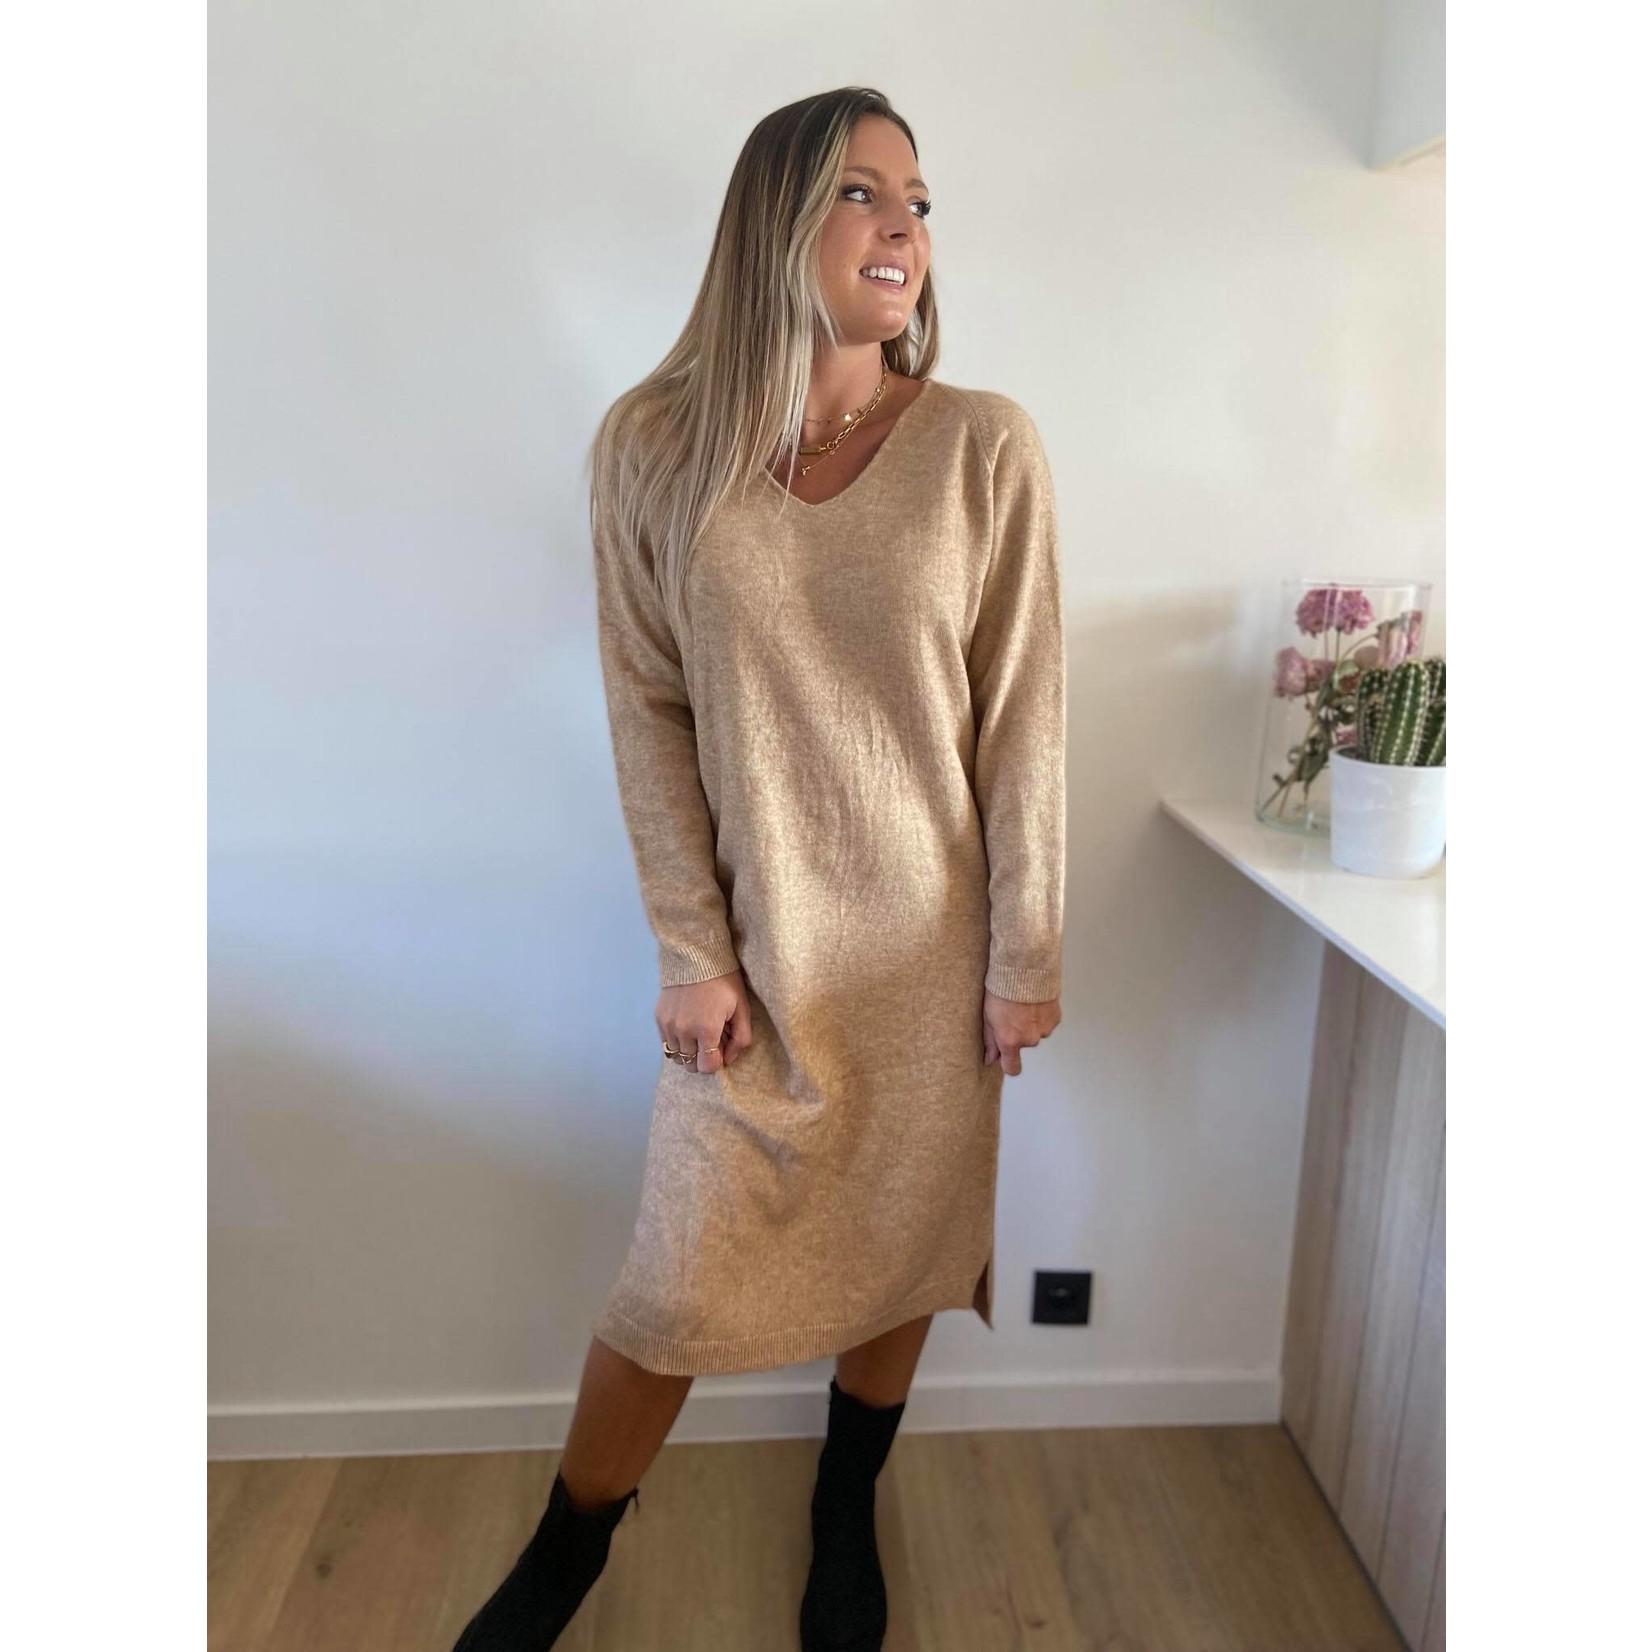 Soft v-neck issa dress camel TU